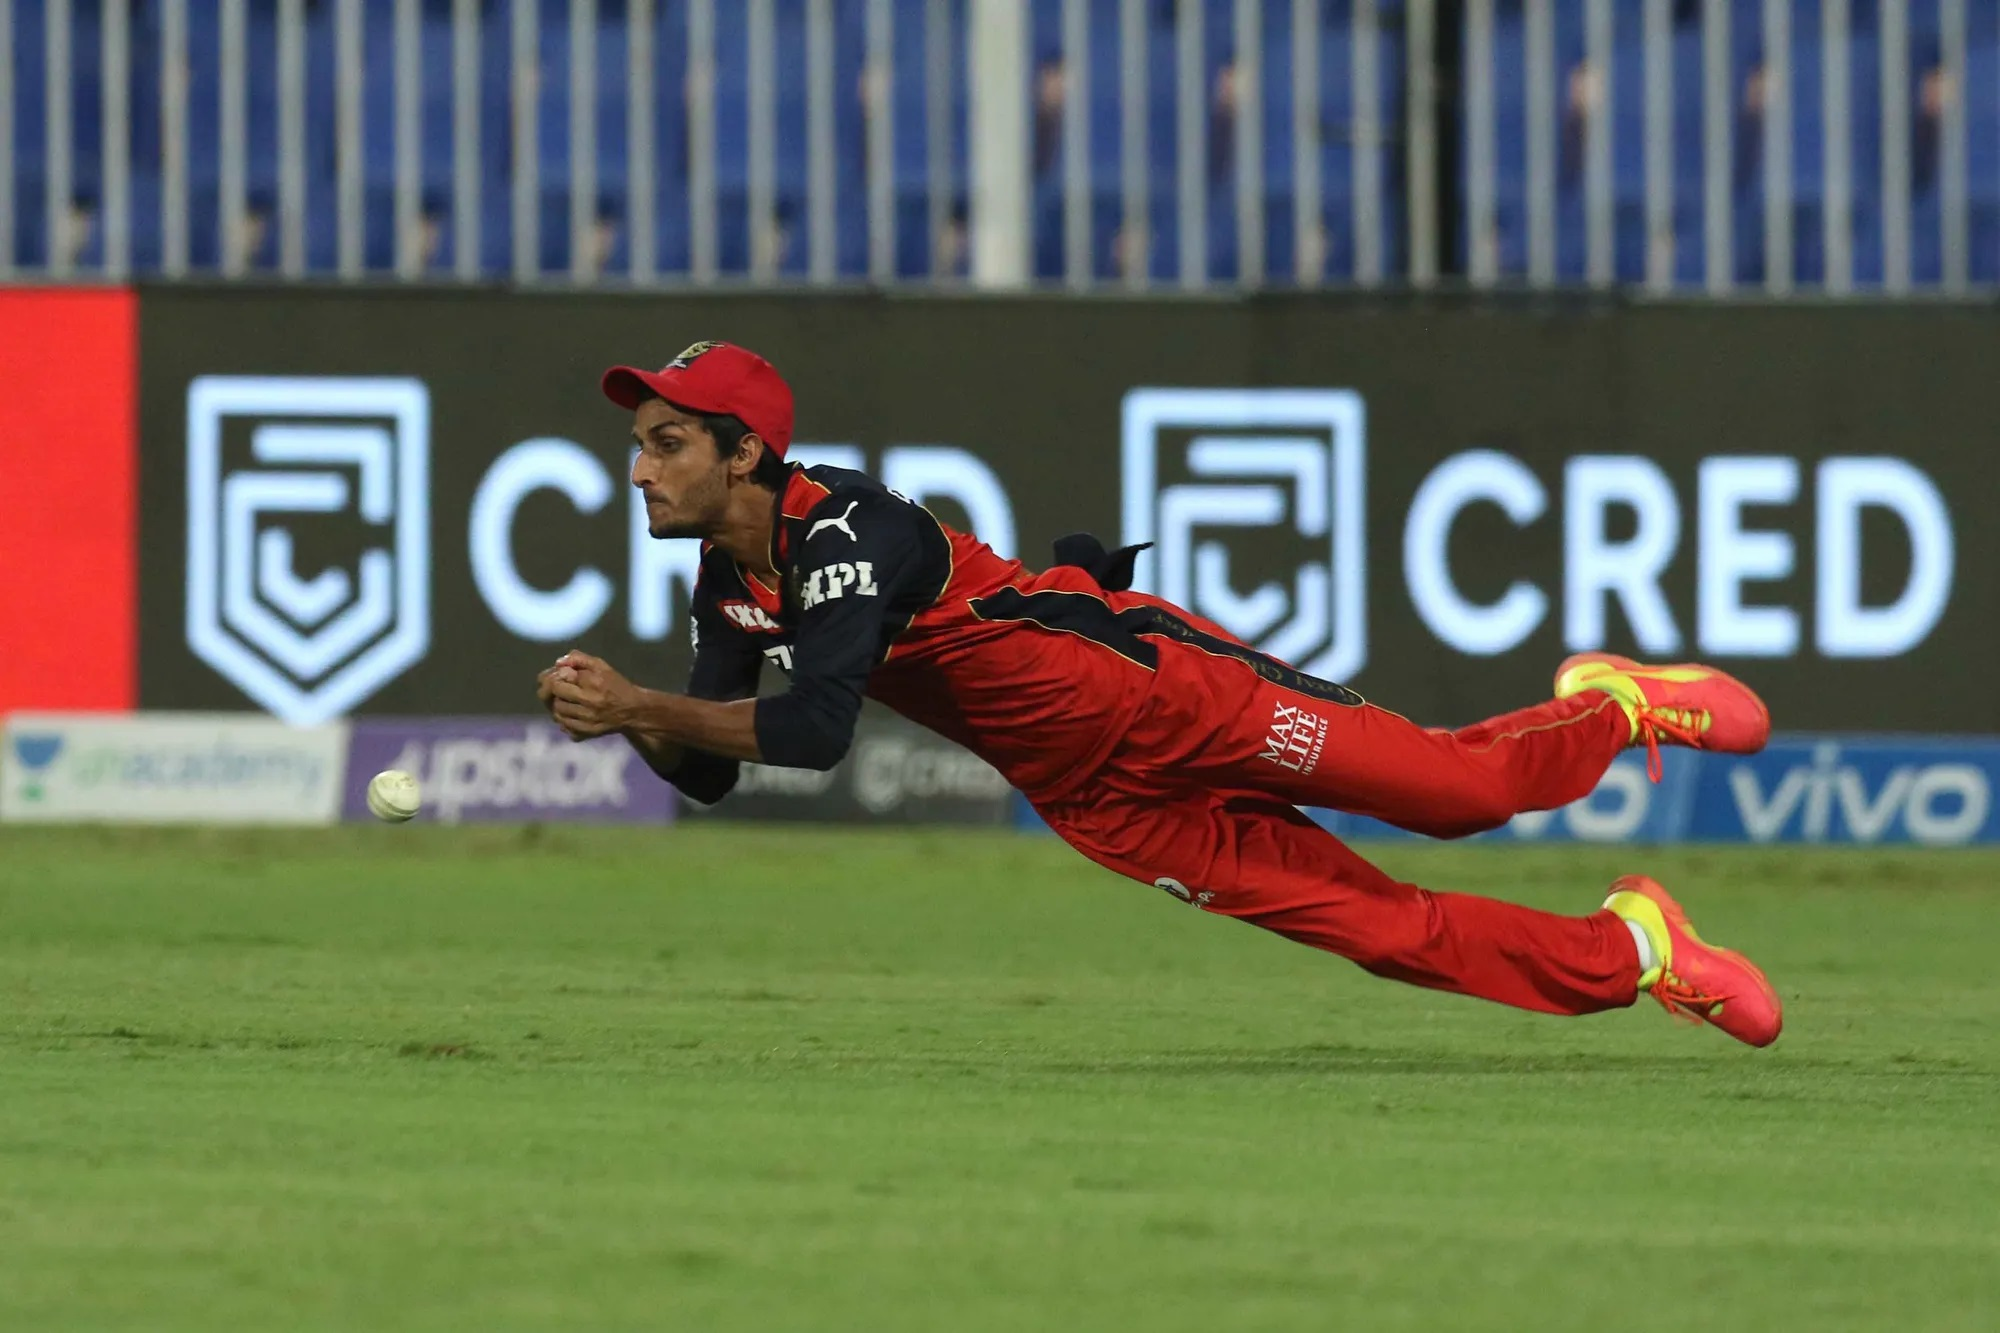 फिर एक वो वक्त था जब RCB मैच पर अपनी ग्रिप मजबूत कर रही थी। कोलकाता की पारी का 10वां ओवर था। घातक रूप से खेल रहे ओपनर वैंकटेश अय्यर का कैच उठा और शाहबाज अहमद ने वह आसान सा कैच टपका दिया।